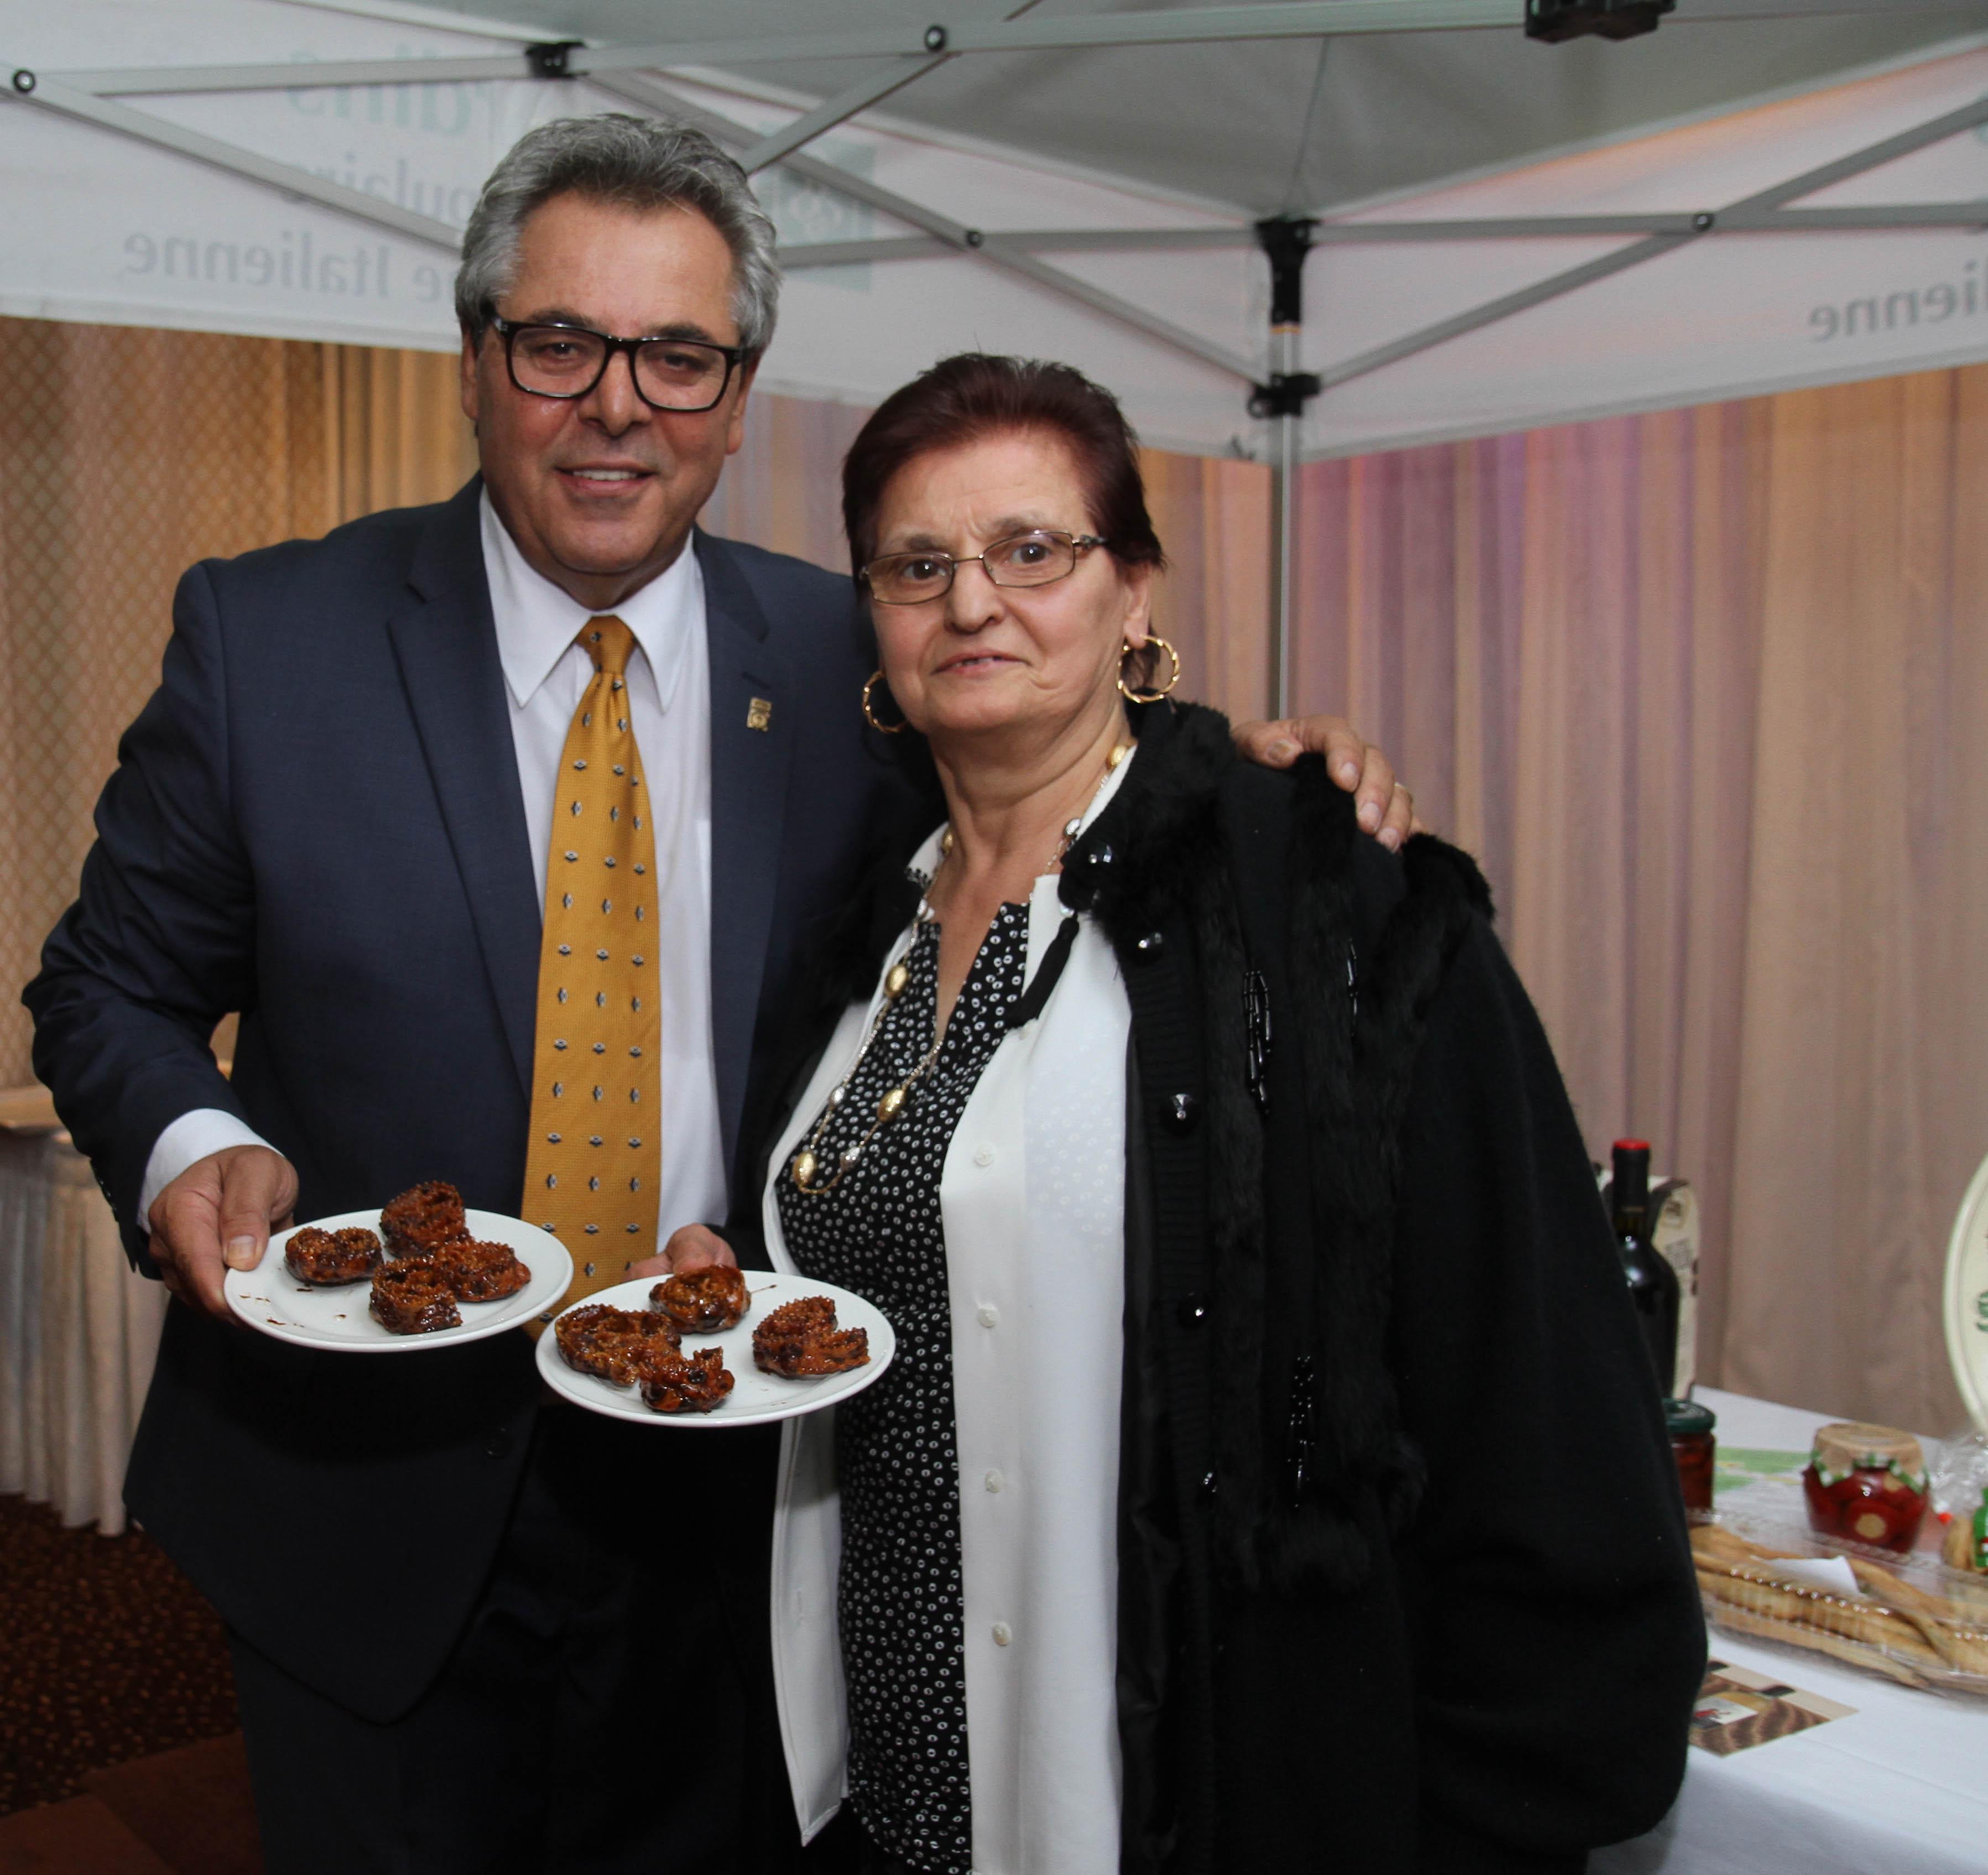 Cav. Rocco Mattiace e Lina Parlati produttrice delle cartellate